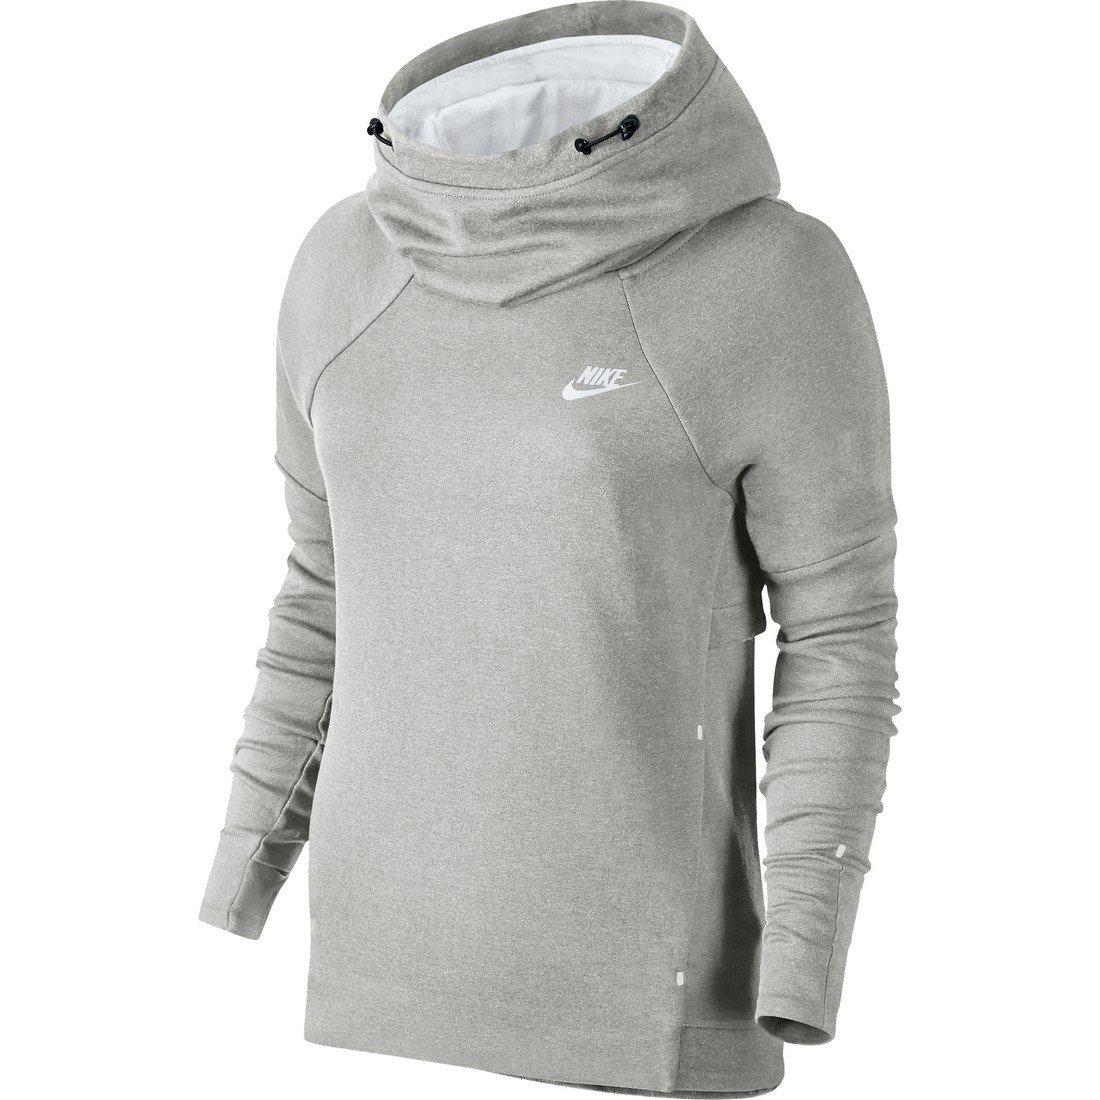 Nike Tech Fleece Pullover Hoodie Womens Style : 789534-051 Size : XS